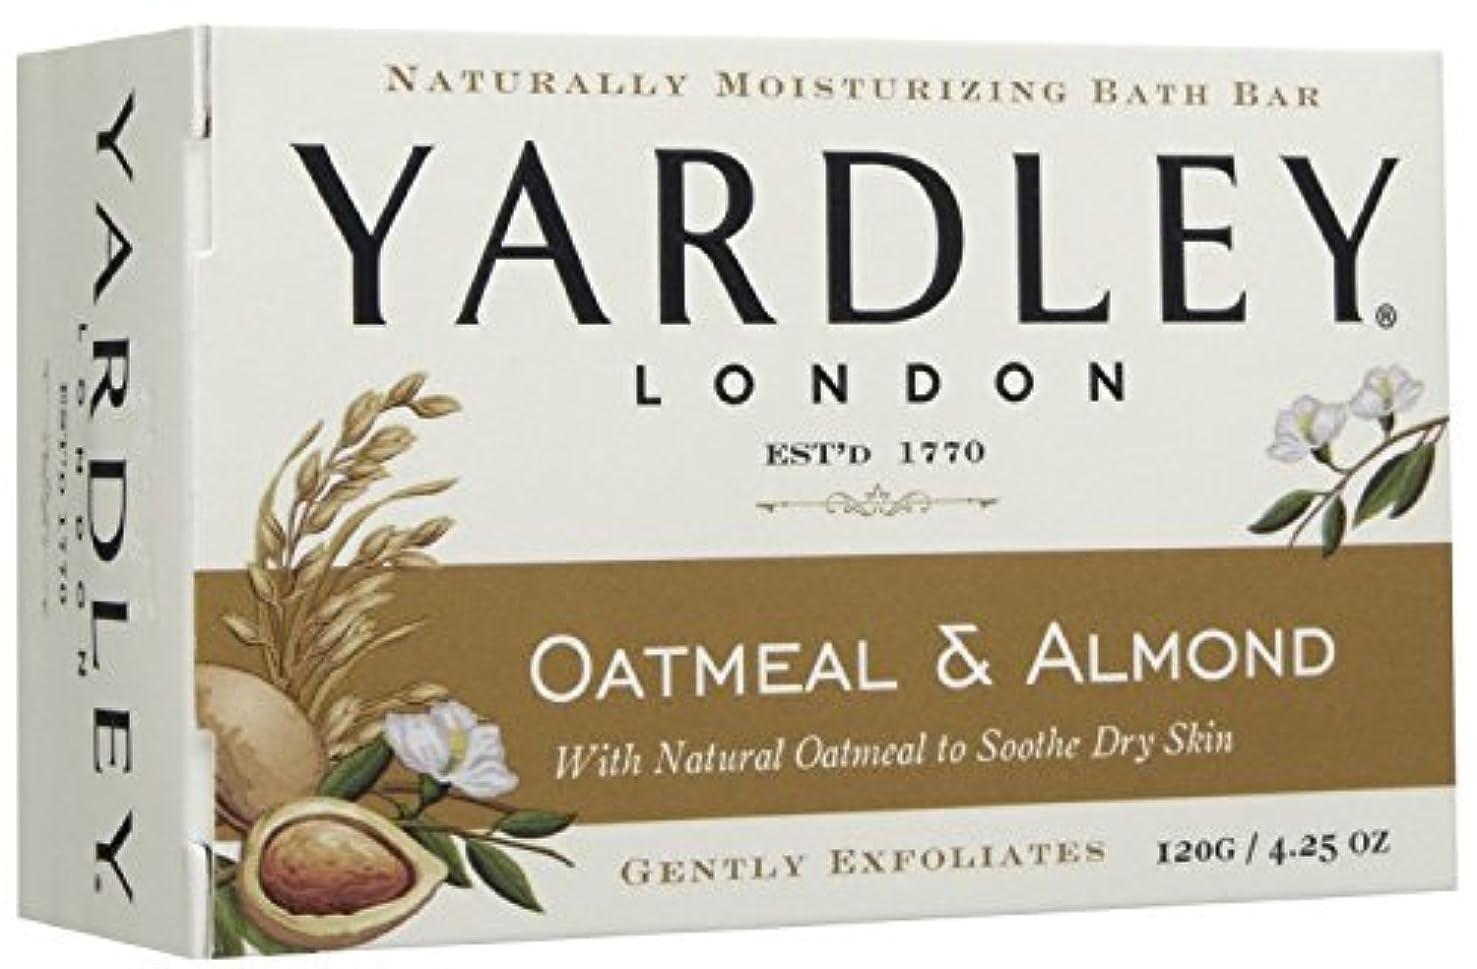 待つお別れ荒らすYardley London (ヤードリー ロンドン) オートミール&アーモンド モイスチャライズ バス ソープ 120g [並行輸入品]